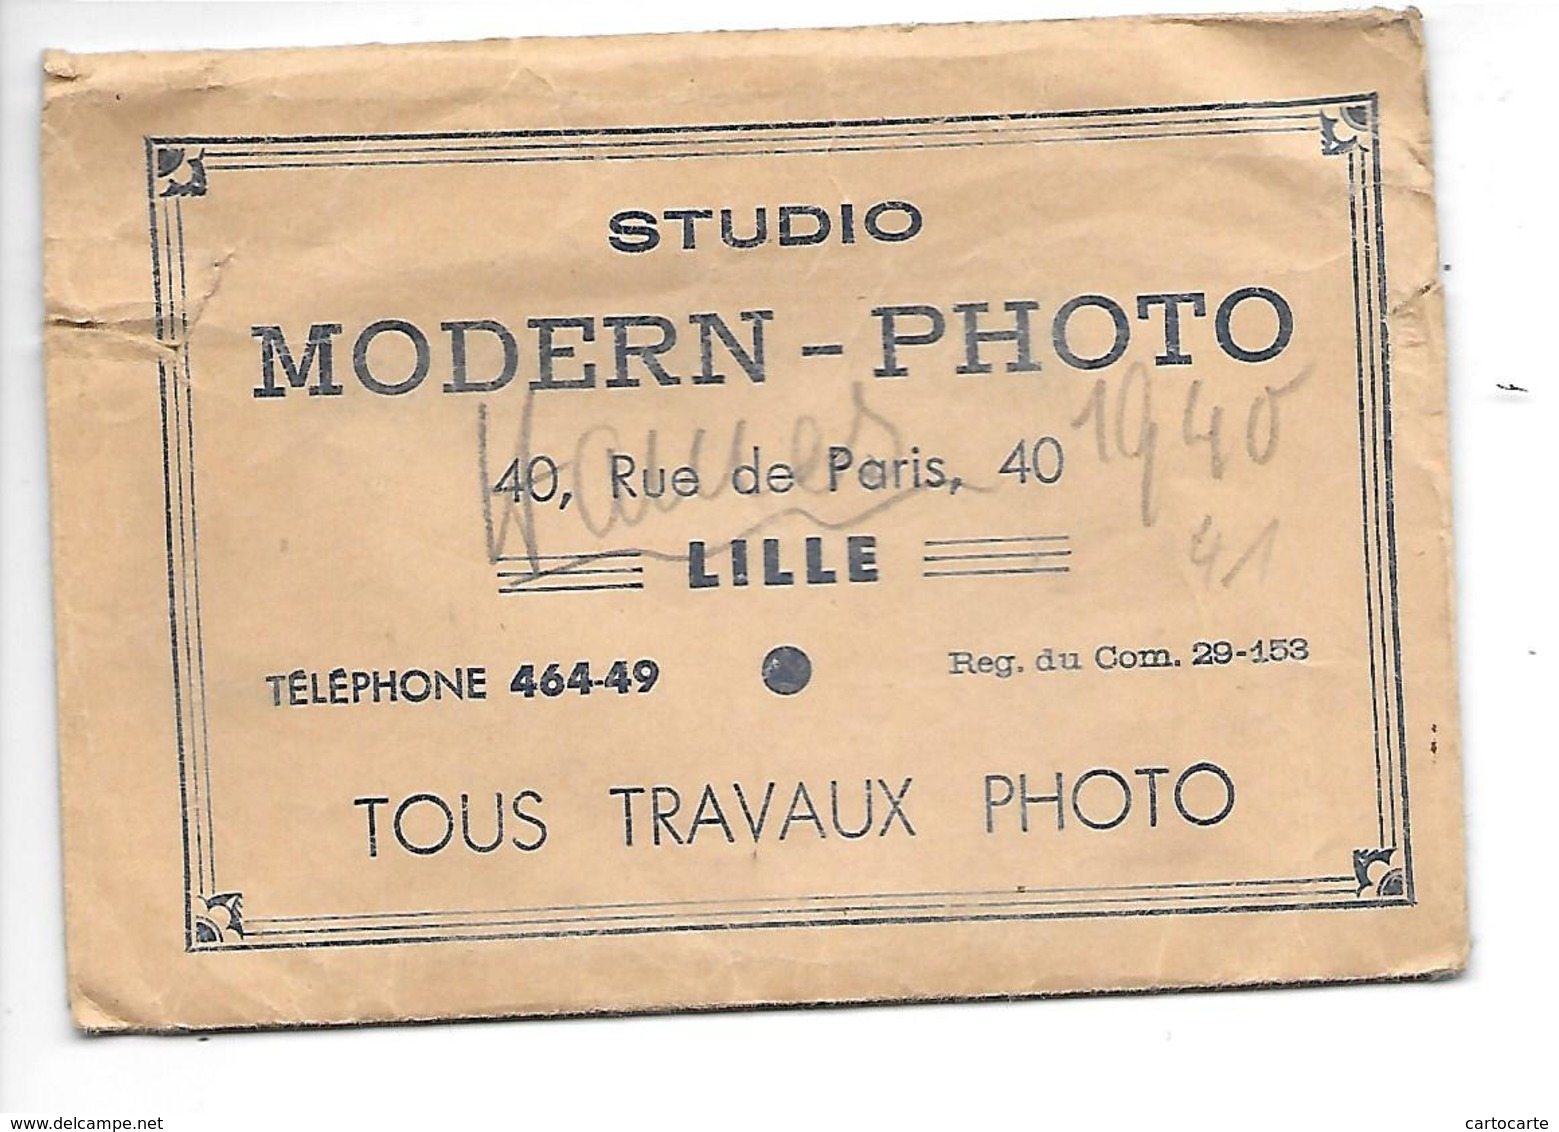 59 LILLE POCHETTE PHOTO STUDIO MODERN PHOTO 40 RUE DE PARIS .....PAS COURANT - Photography